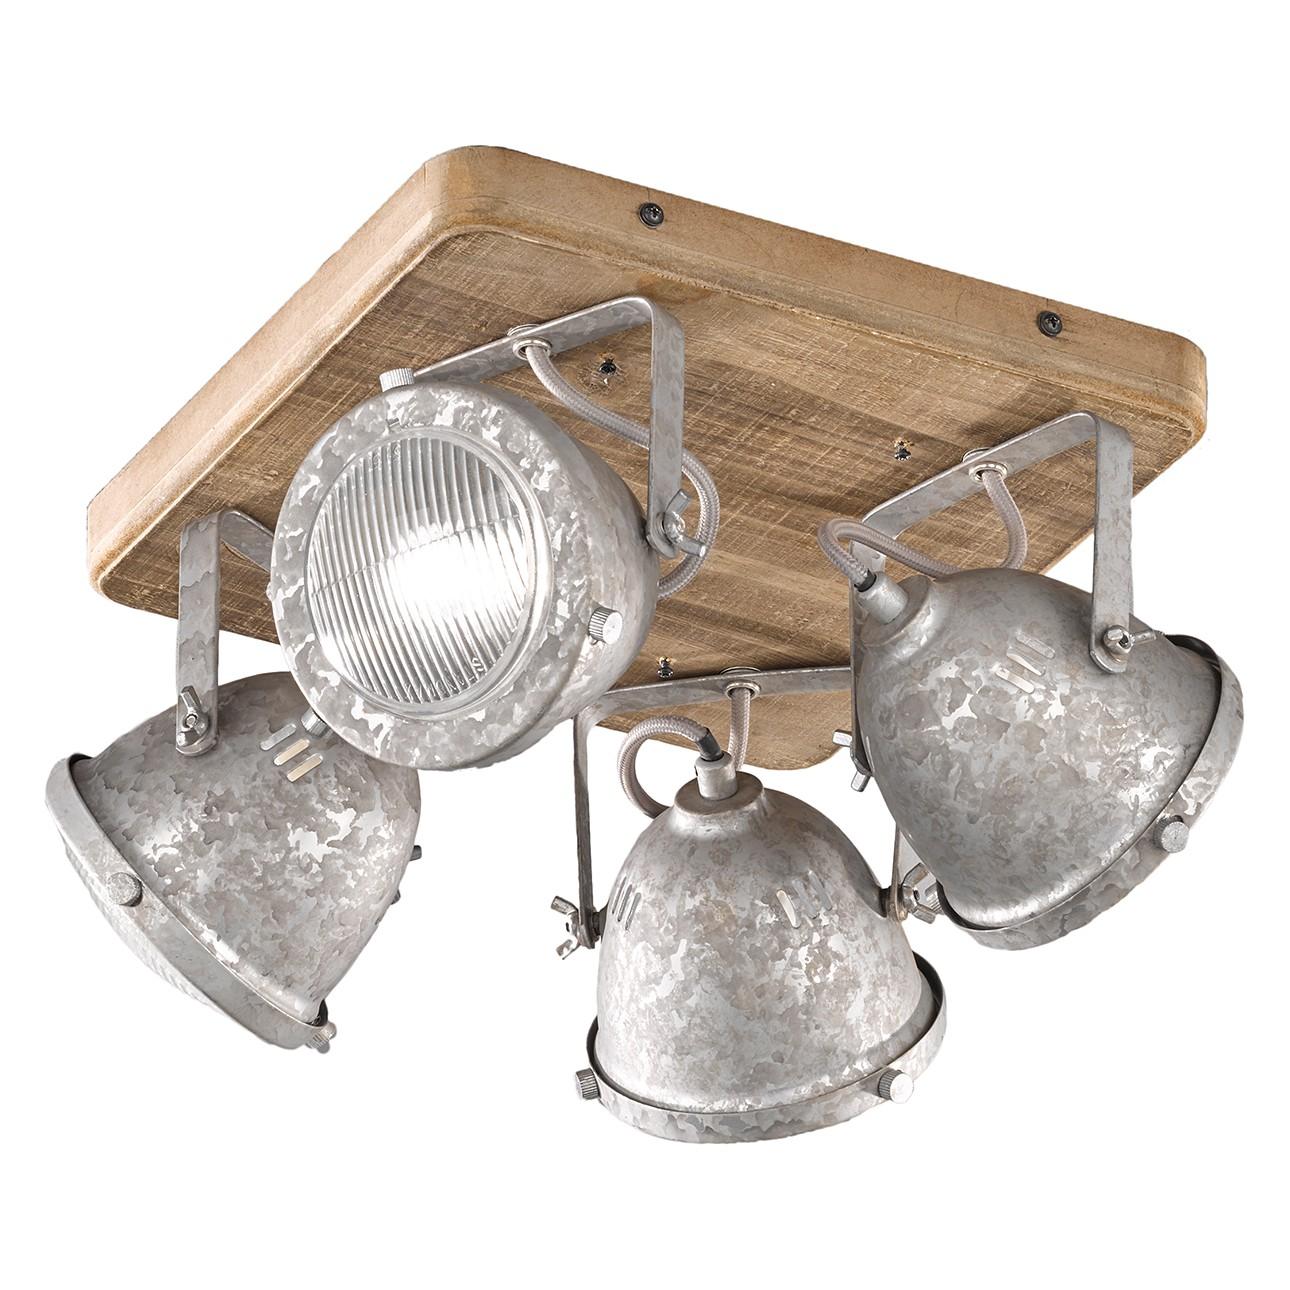 home24 Deckenleuchte Old I | Lampen > Deckenleuchten > Deckenlampen | Silber | Holz - Glas - Metall | Fischer und Honsel